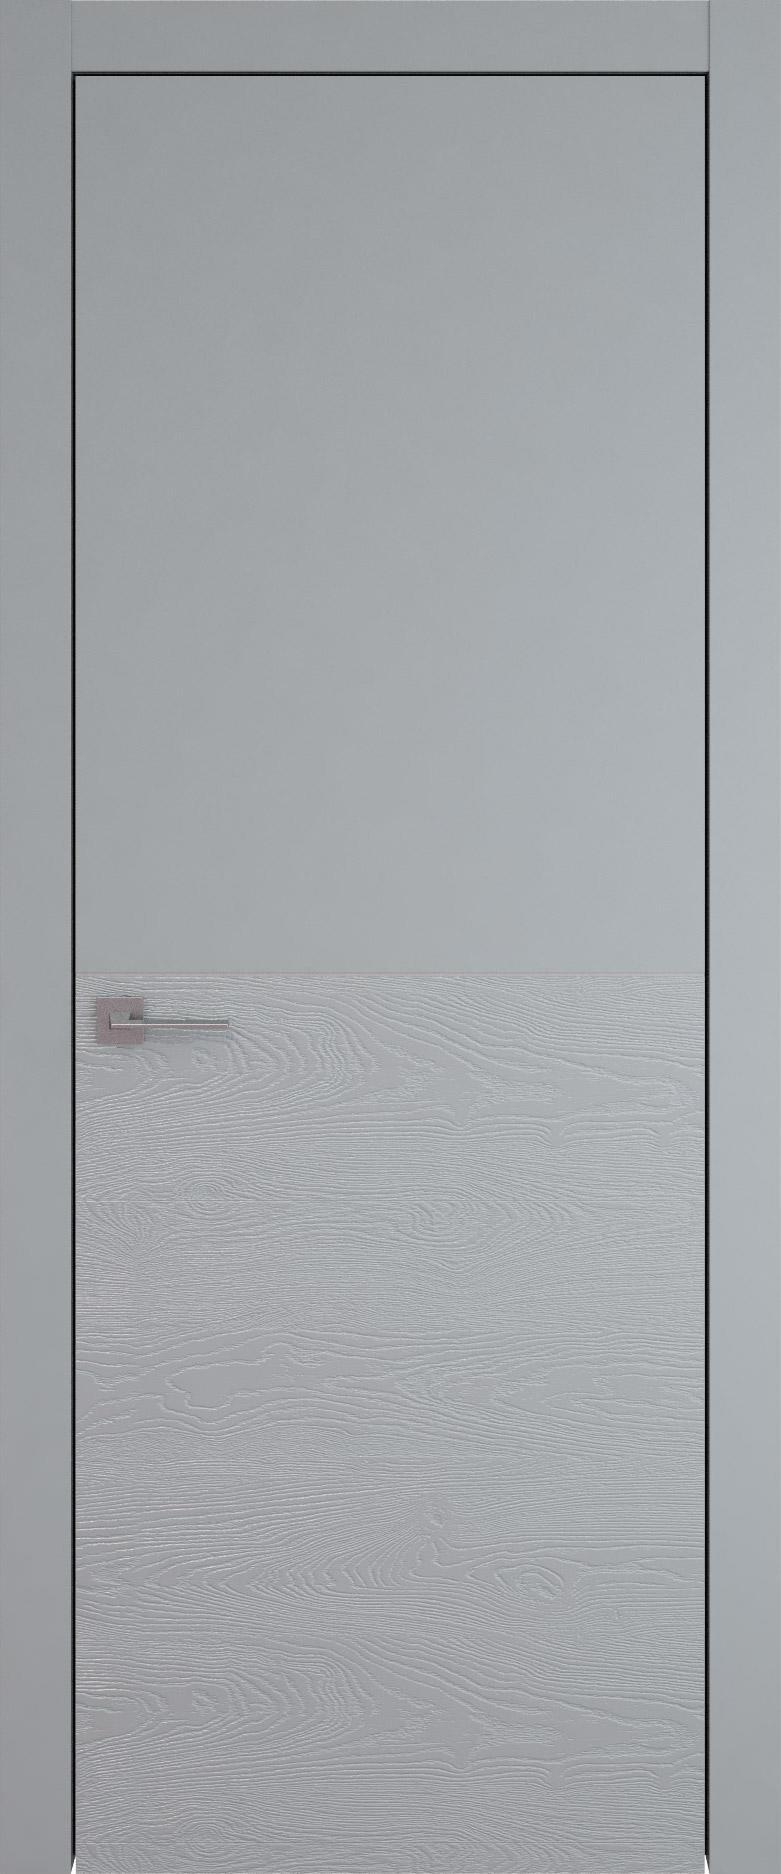 Tivoli Б-2 цвет - Серебристо-серая эмаль-эмаль по шпону (RAL 7045) Без стекла (ДГ)